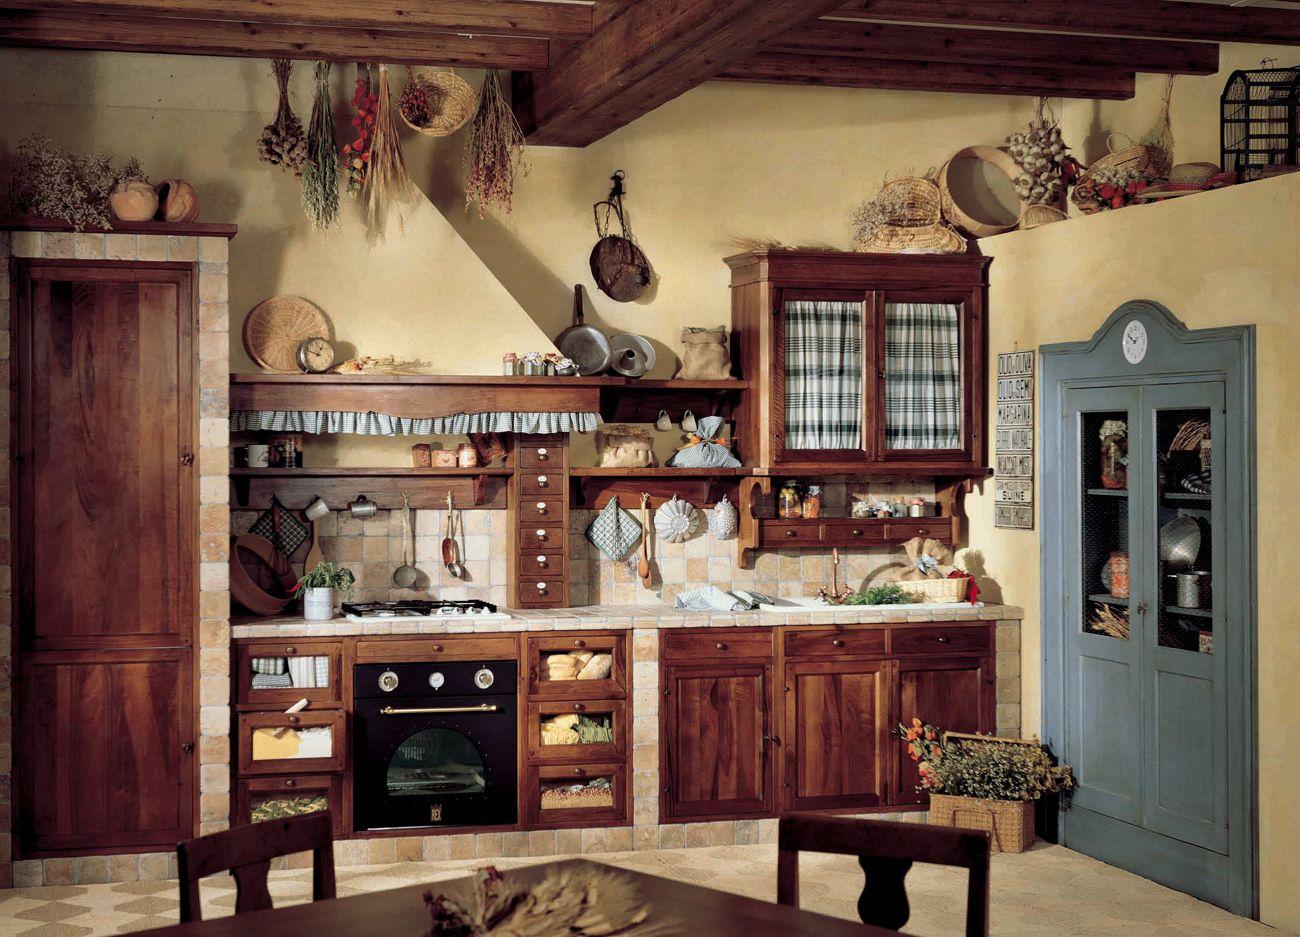 Cucine In Muratura Country Immagini.Foto Delle Cucine In Muratura Moderne E Personalizzabili Living Corriere Cucina In Muratura Cucine Rustiche Cucina Primitiva